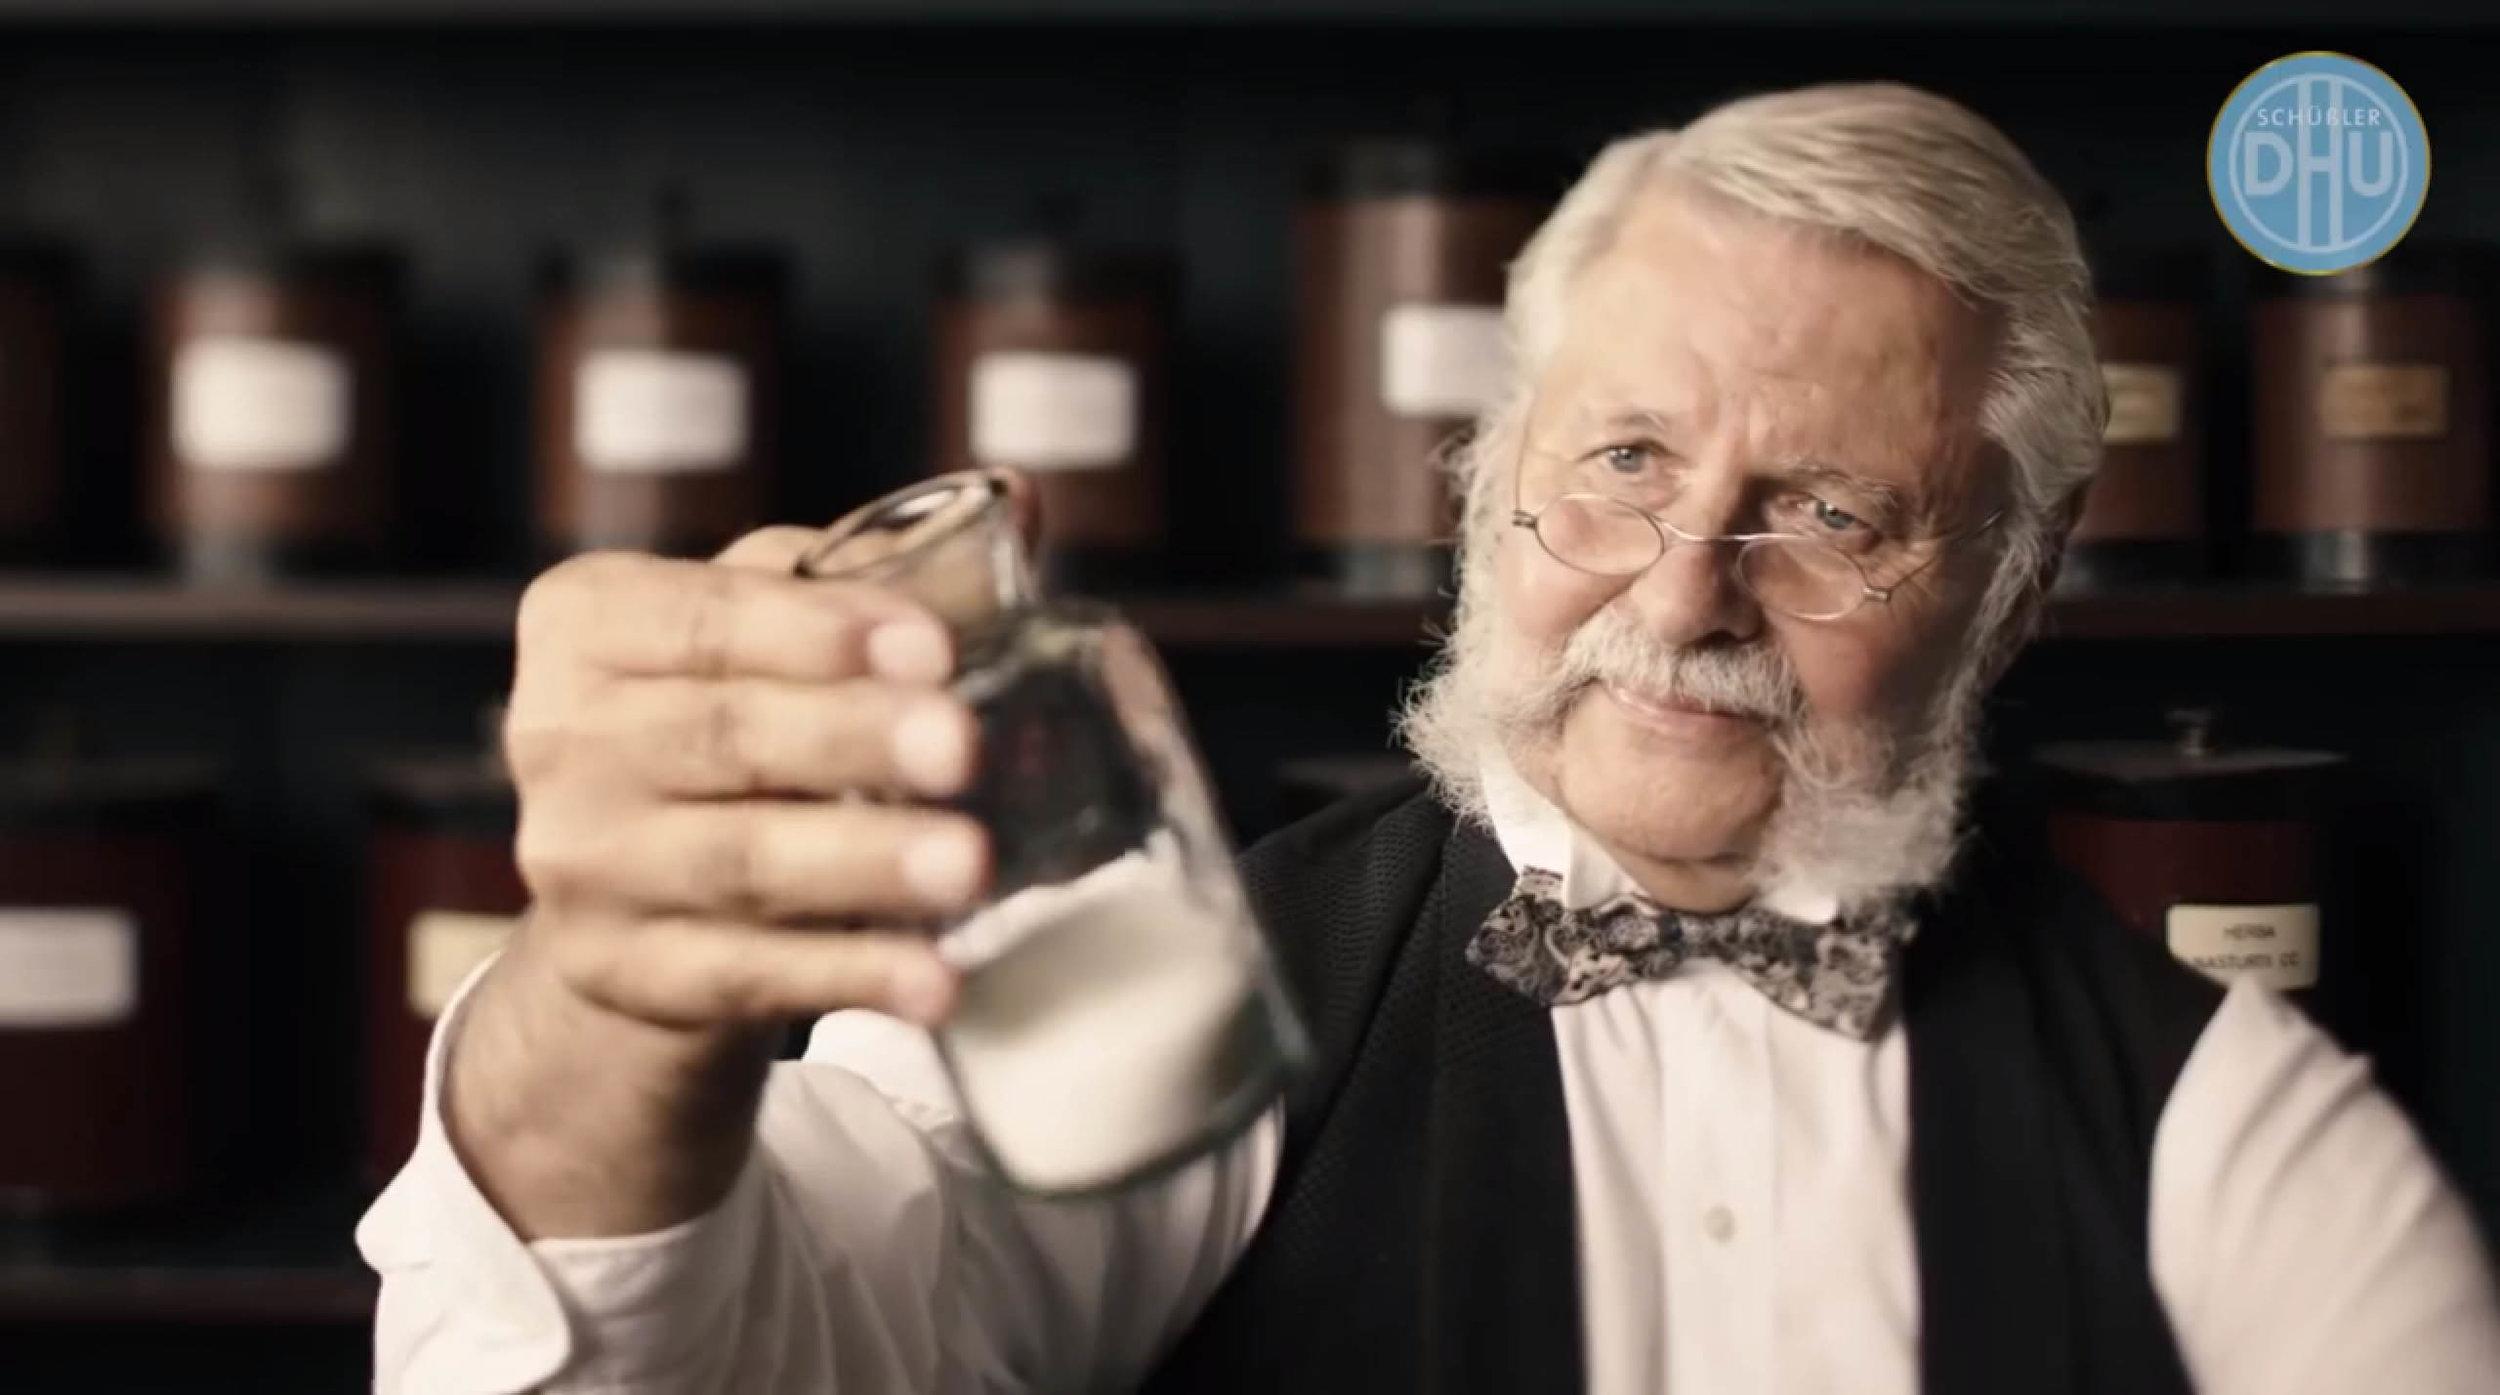 DHU Schüssler Salze. Das Original seit 1873